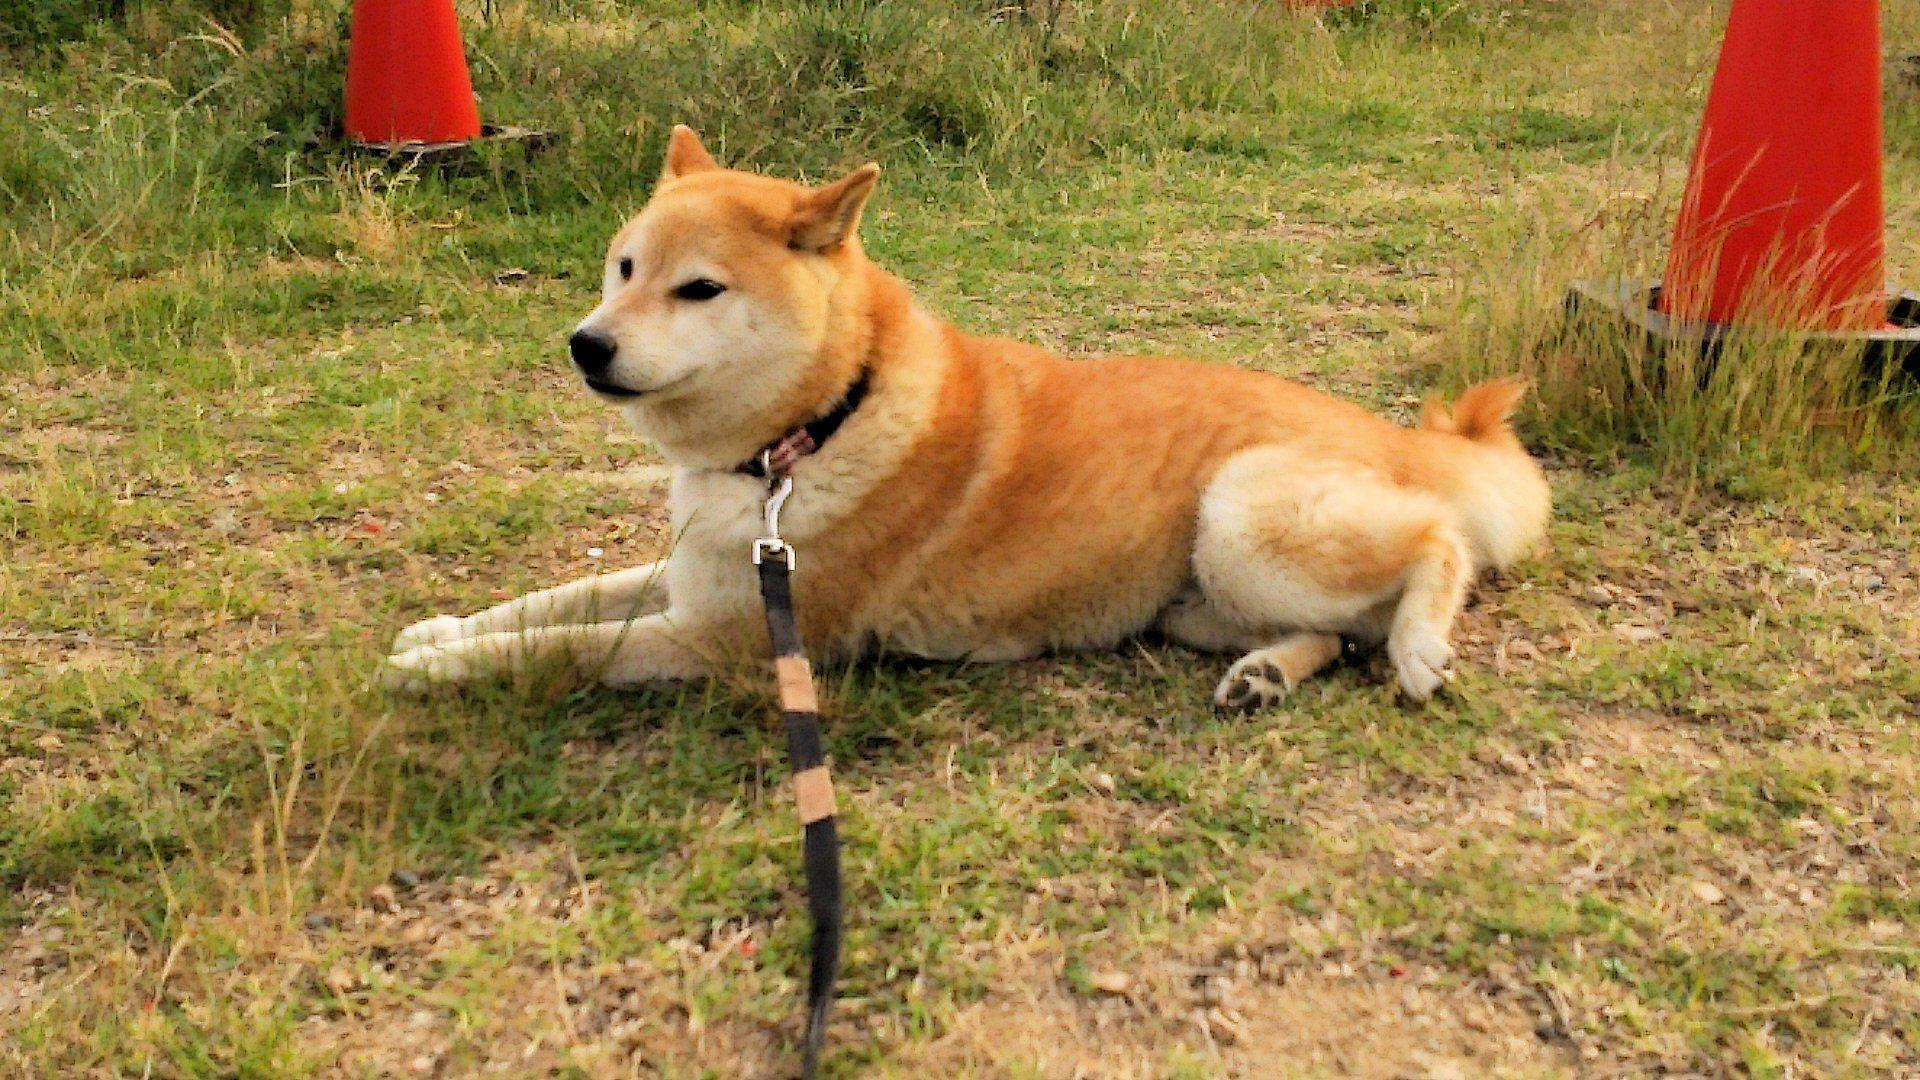 柴犬ラプラス号 風通しがよくて気持ちいいぜ~!